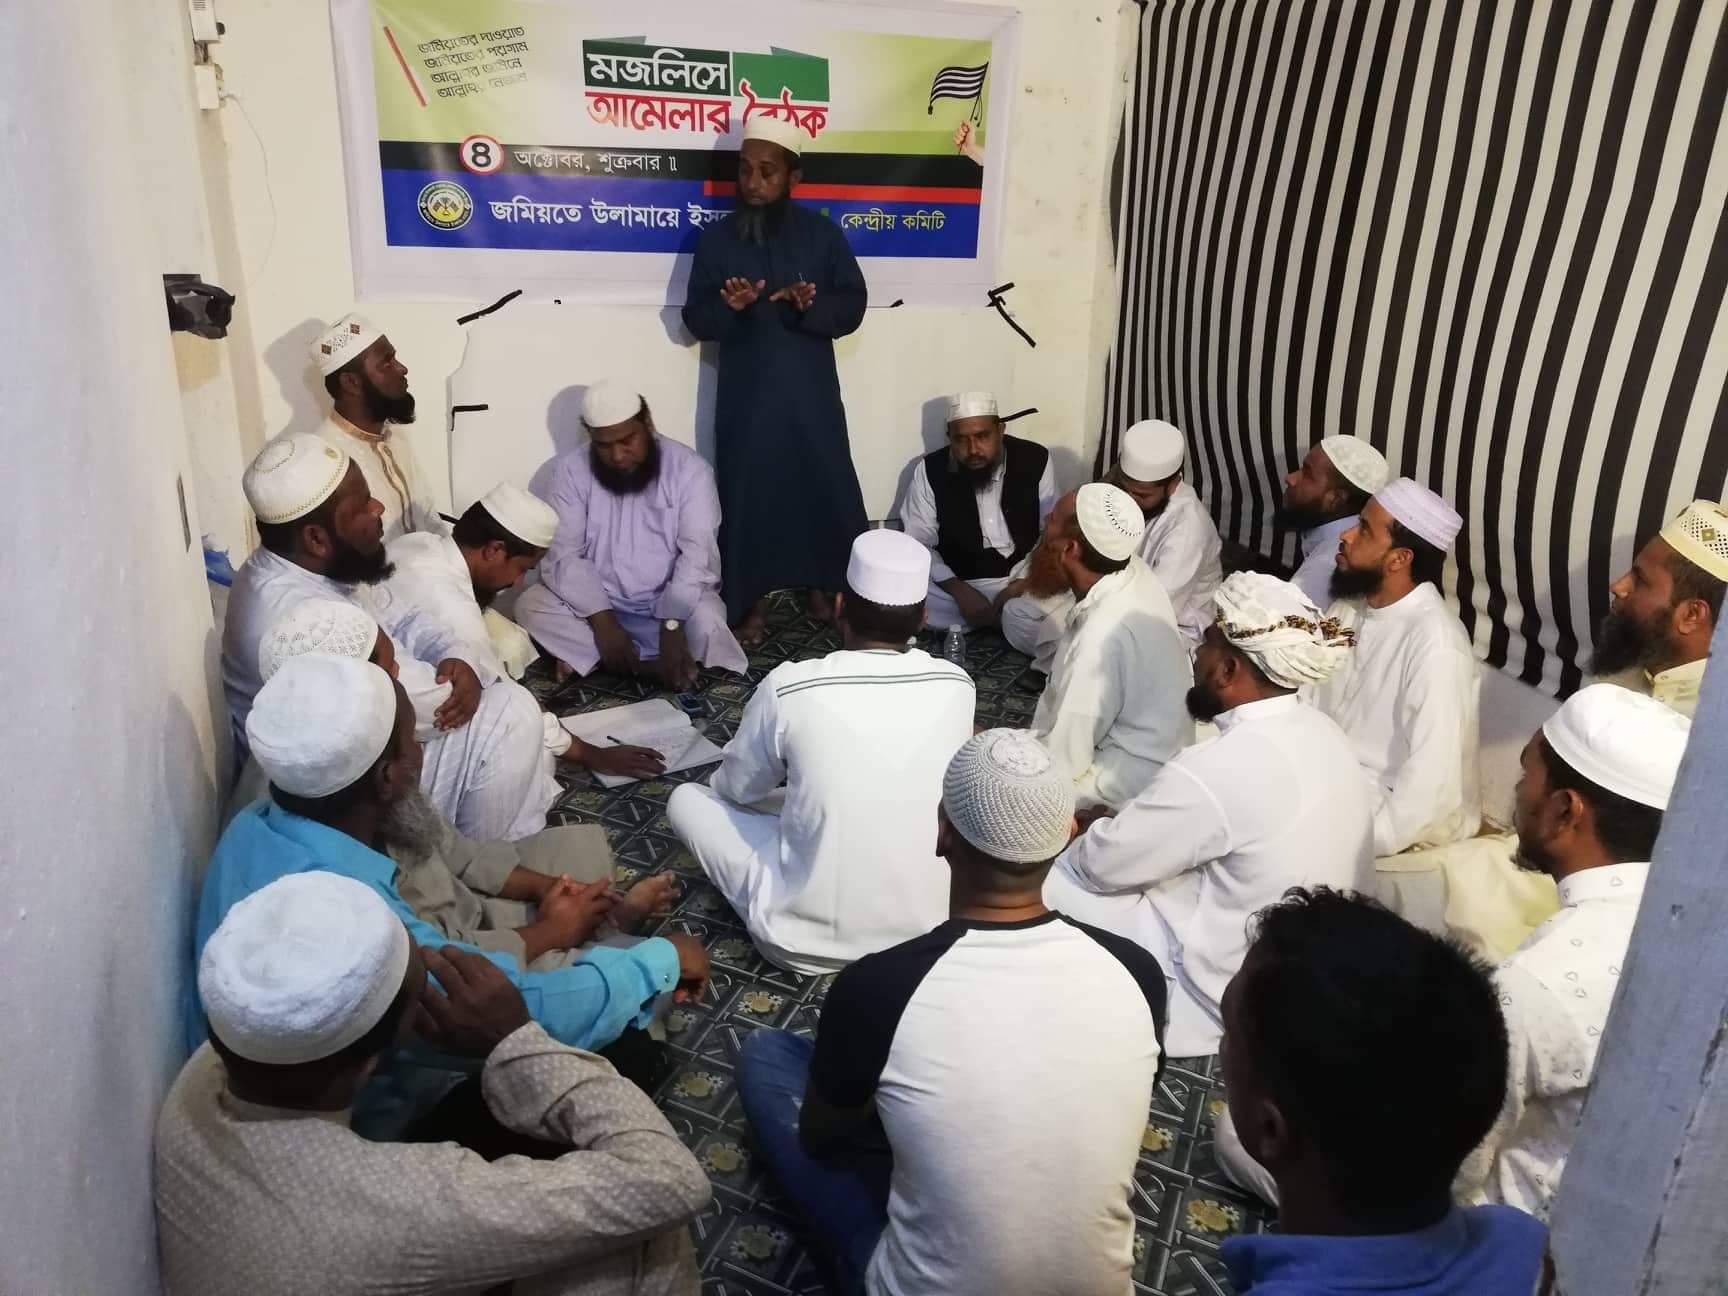 ওমান জমিয়ত'র কেন্দ্রীয় মজলিসে আমেলার বৈঠকে অনুষ্ঠিত